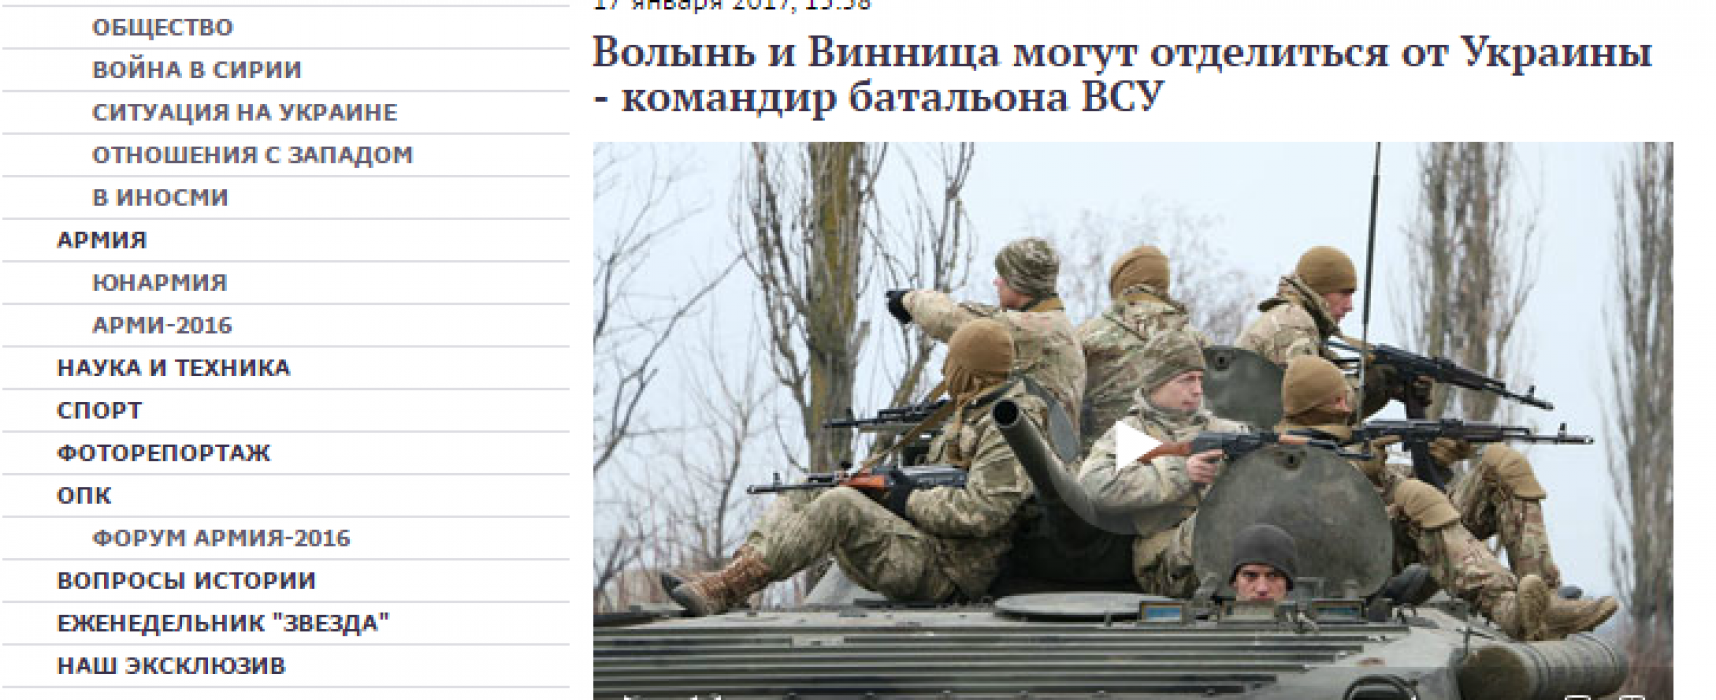 Фейк: Волынь и Винница могут отделится от Украины